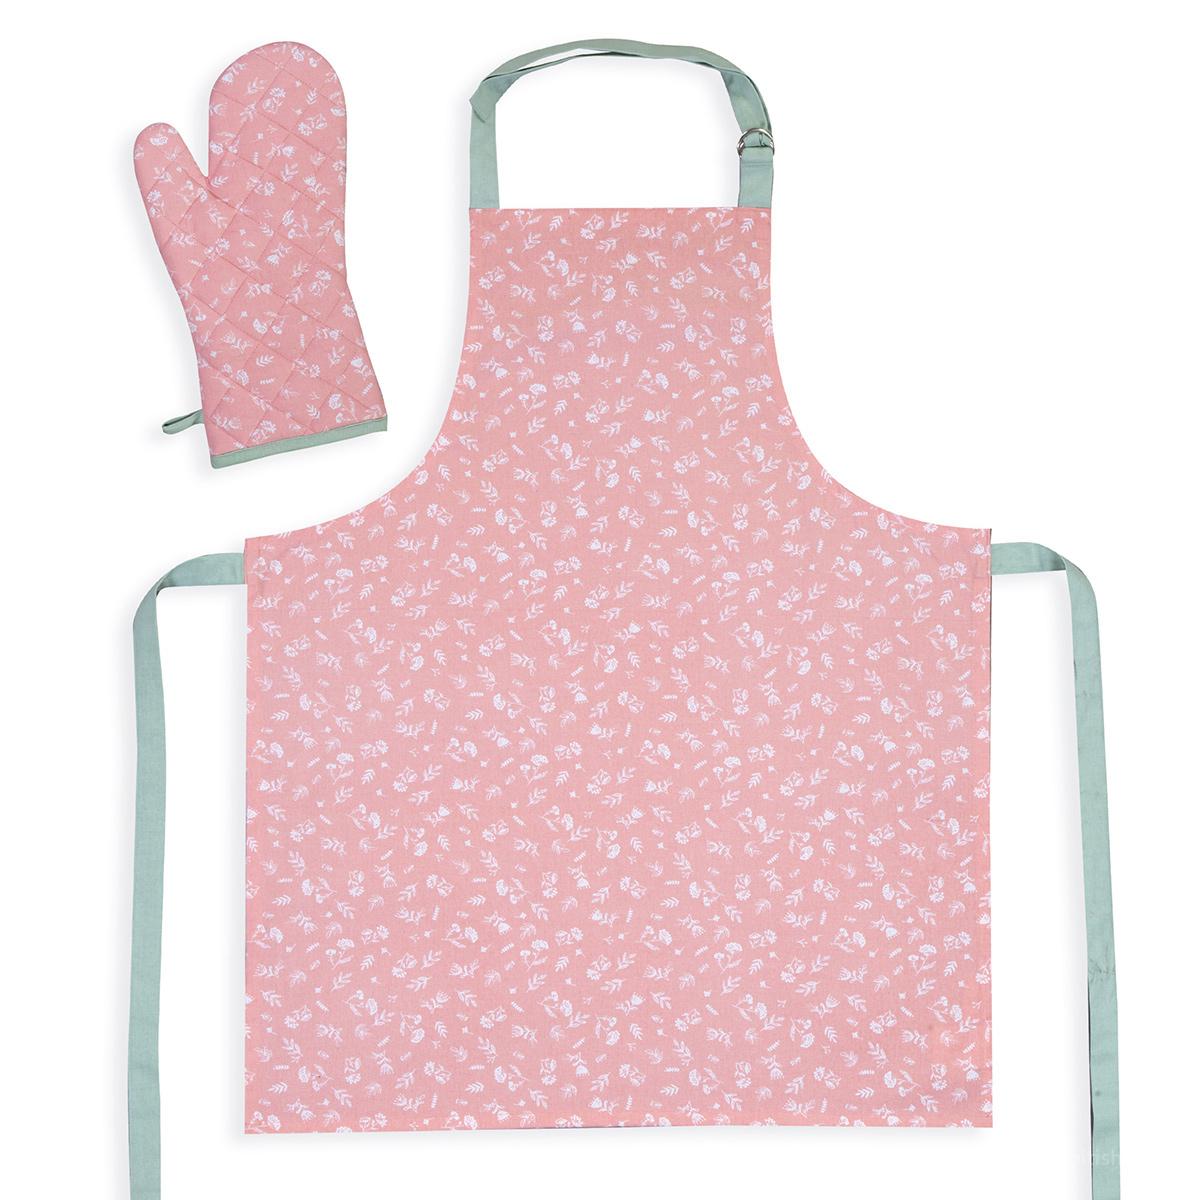 Σετ Κουζίνας 2τμχ Nef-Nef Inspire Pink